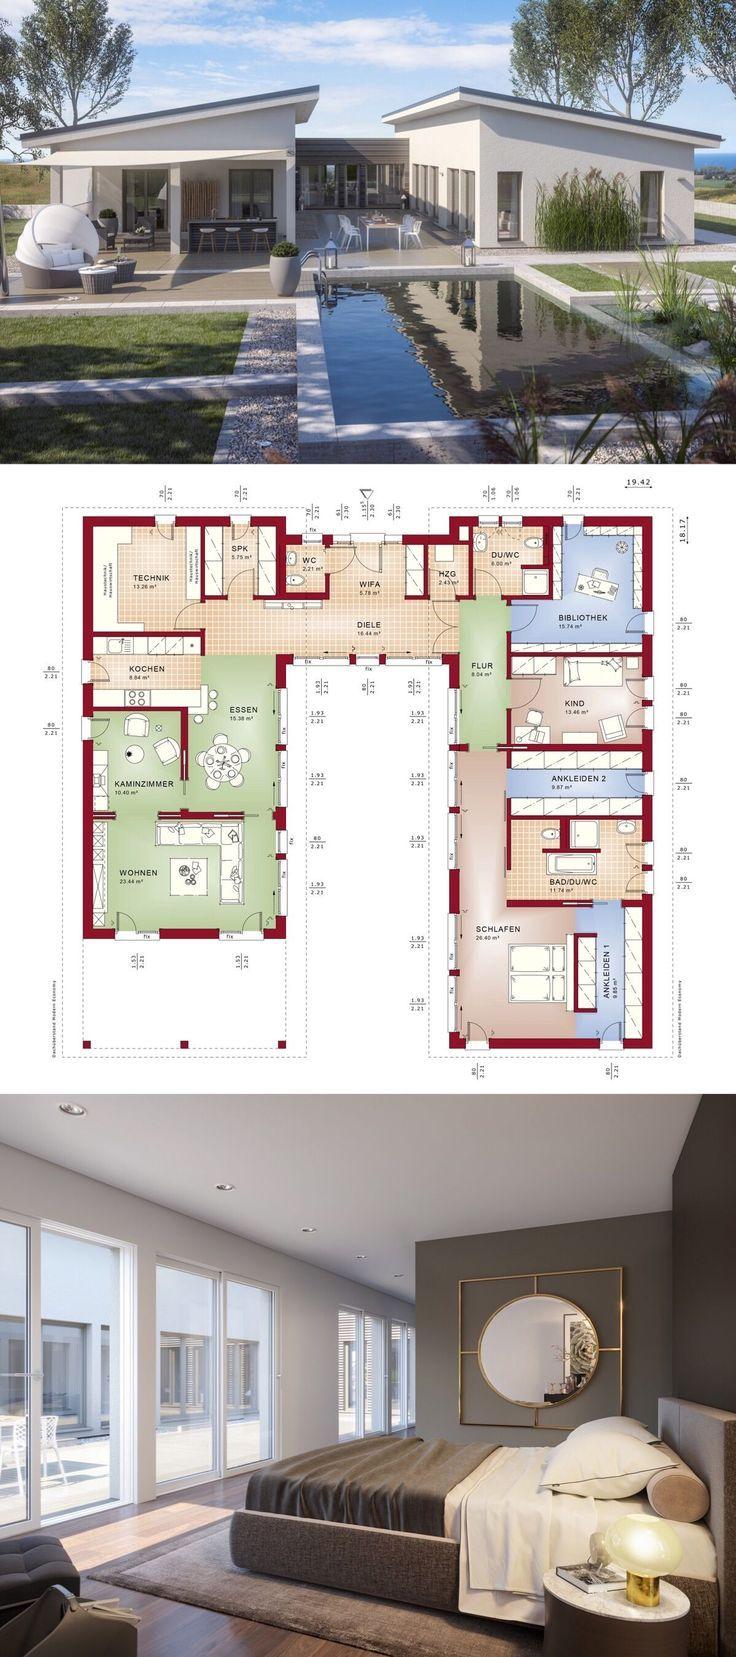 Bungalow Haus Mit Pultdach Innenhof 6 Zimmer Grundriss Ebenerdig Mit Pool Ter In 2020 Haus Bungalow Grundriss Einfamilienhaus Fertighaus Bungalow